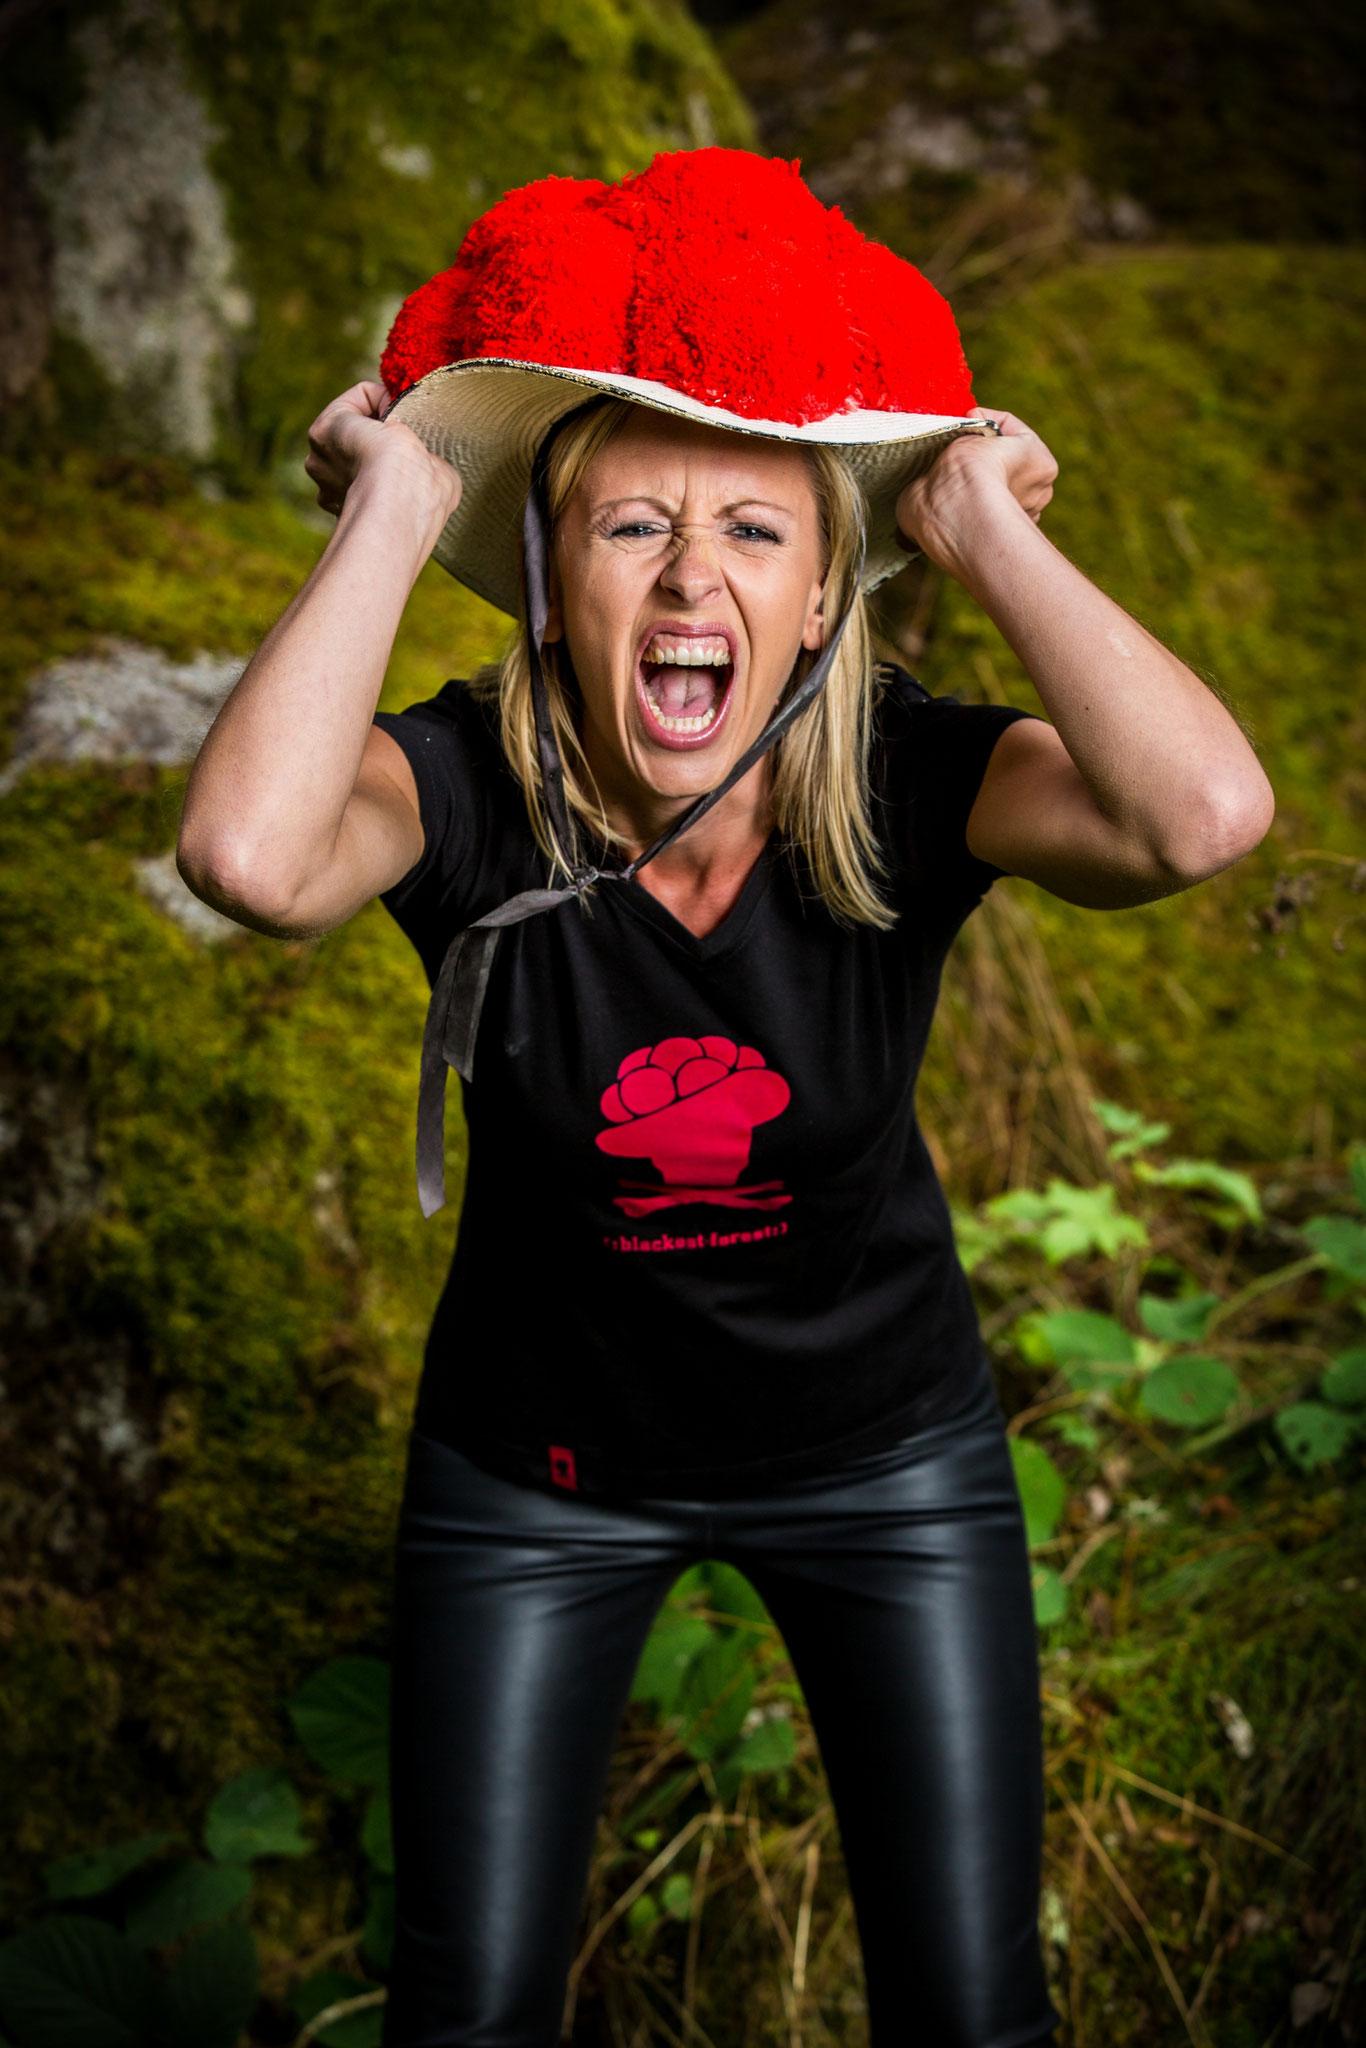 [:blackest-forest:] schwarzwald t-shirt